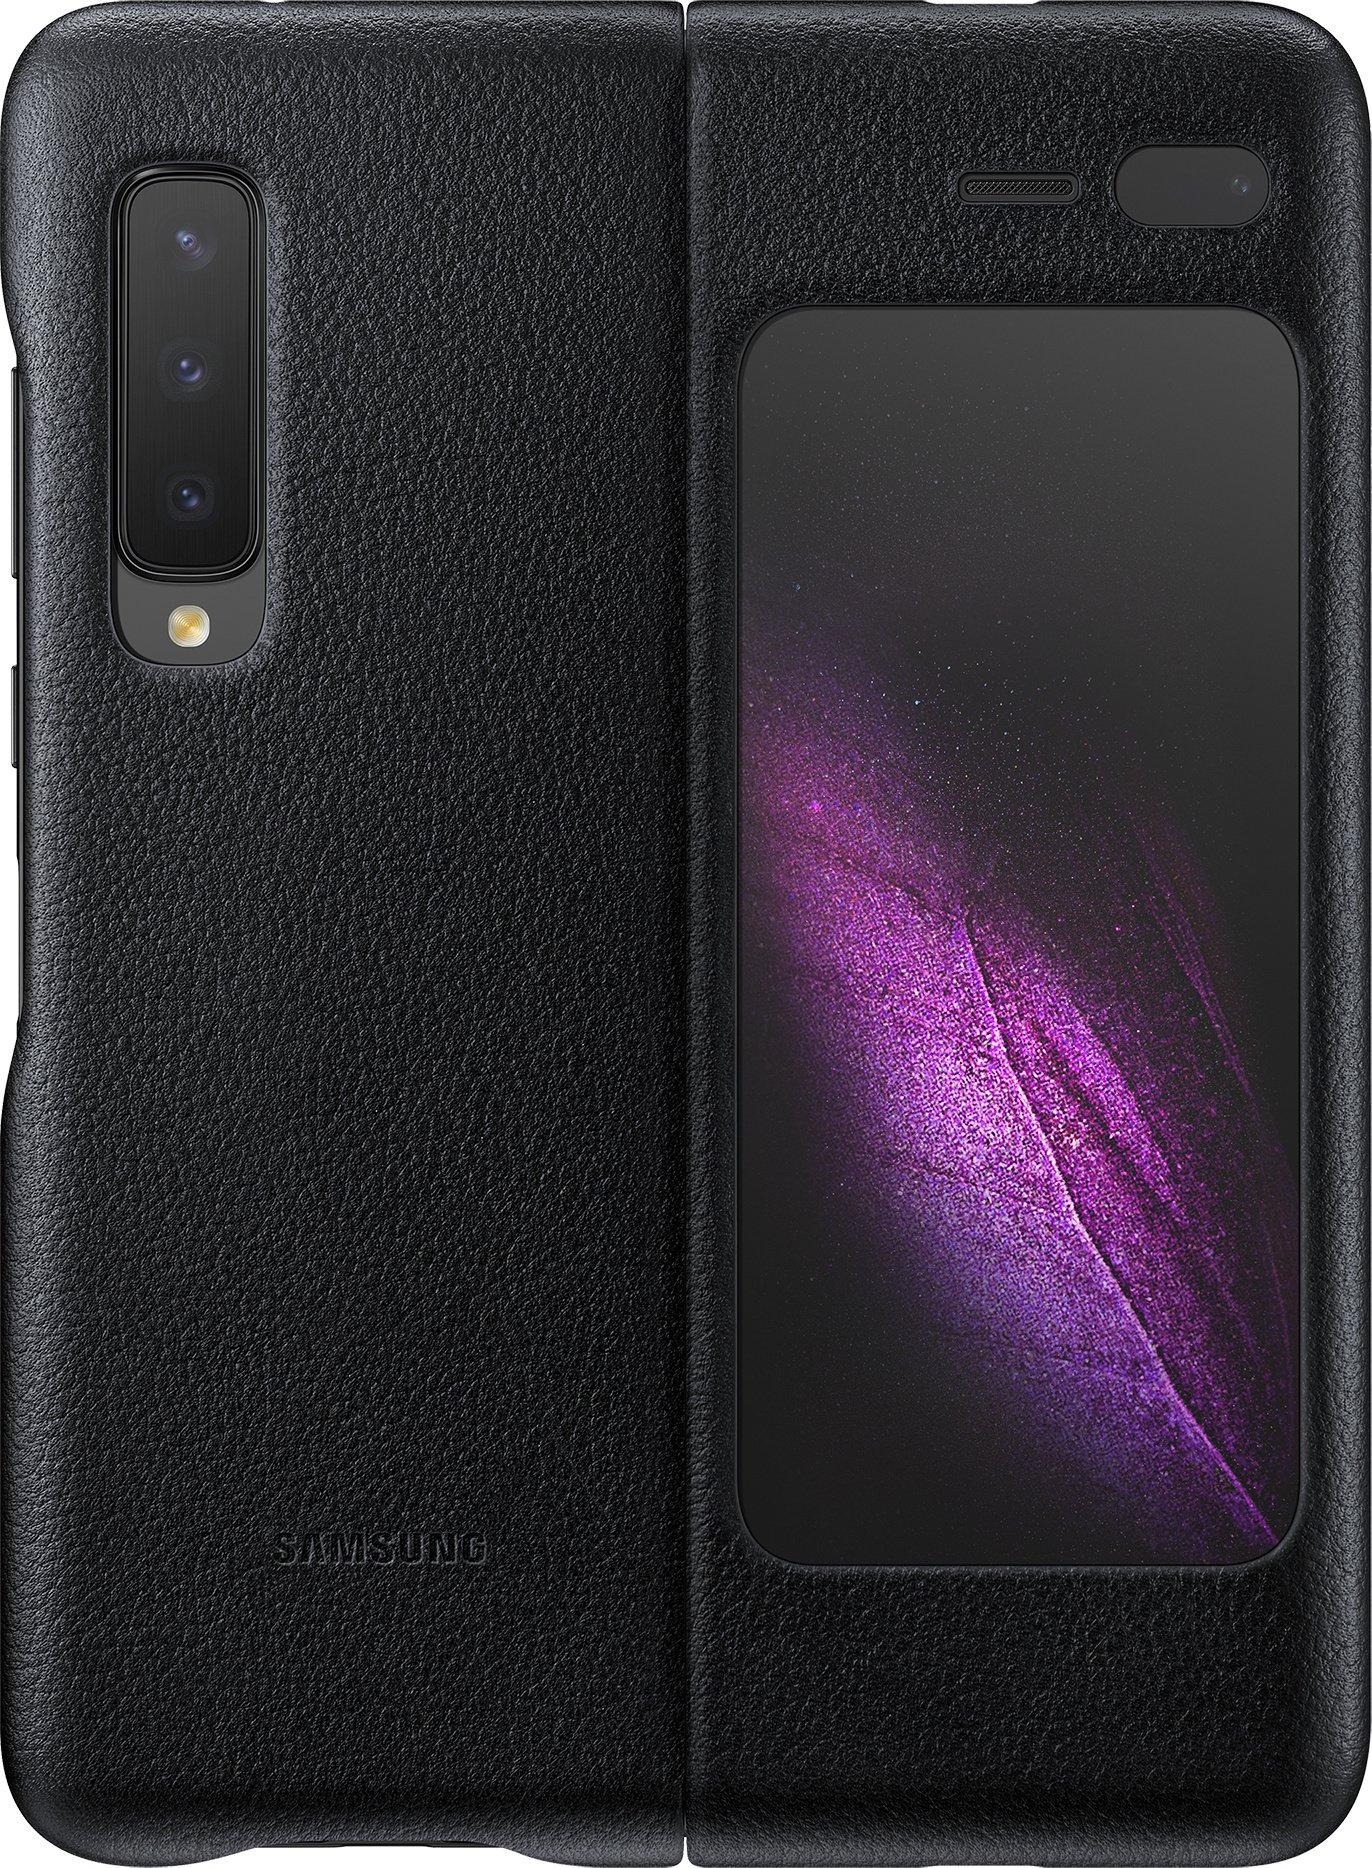 Samsung Galaxy Fold Leather Cover, musta – Suojakotelot / Samsung – Kotelot ja suojakuoret – Puhelimet – Verkkokauppa.com